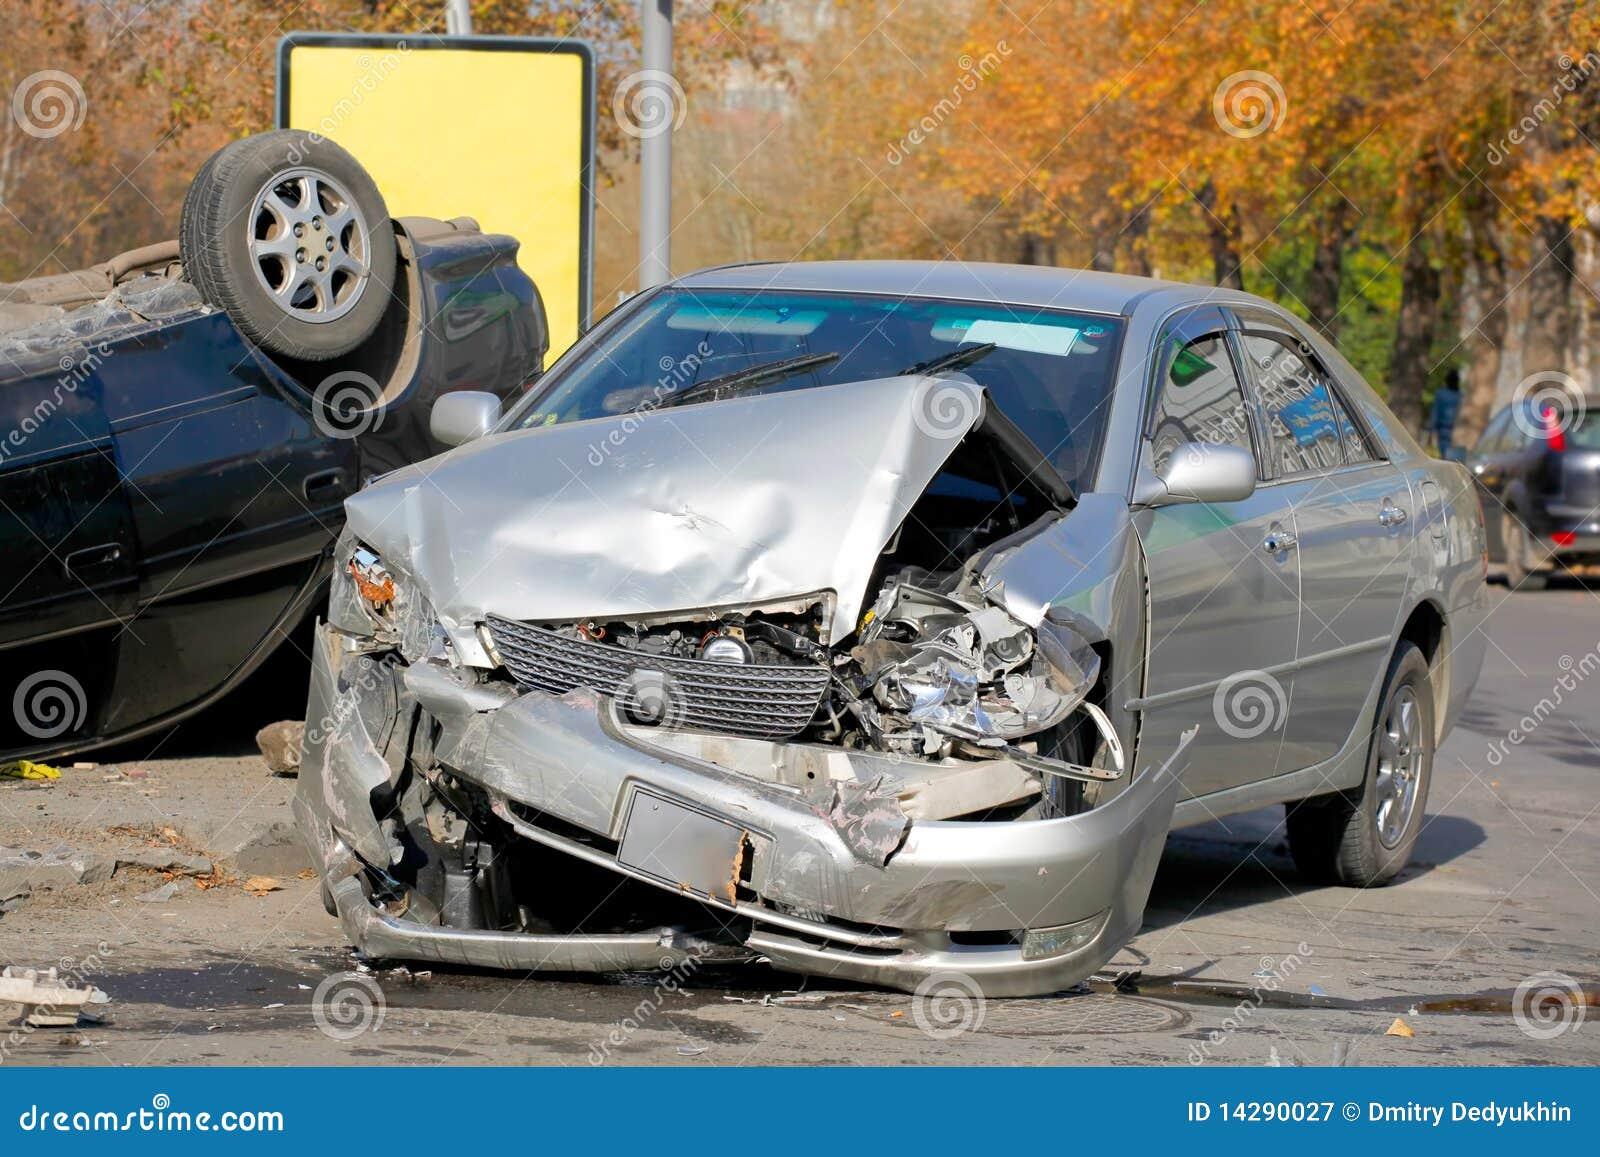 交通 事故 免 停